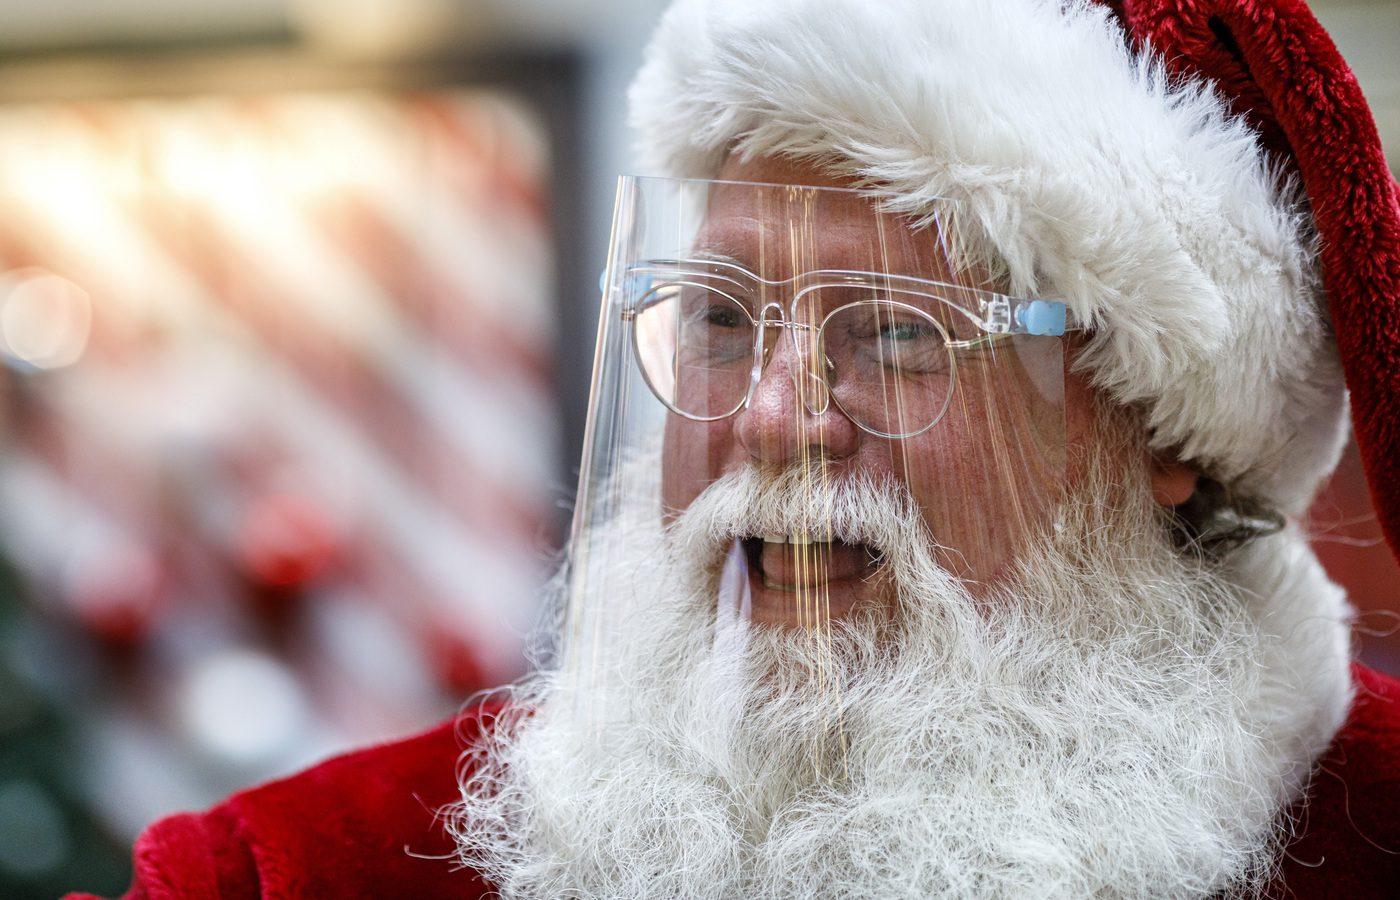 Il Babbo Natale.Babbo Natale Quest Anno Arriva Su Zoom L Idea Di Una Societa Romana